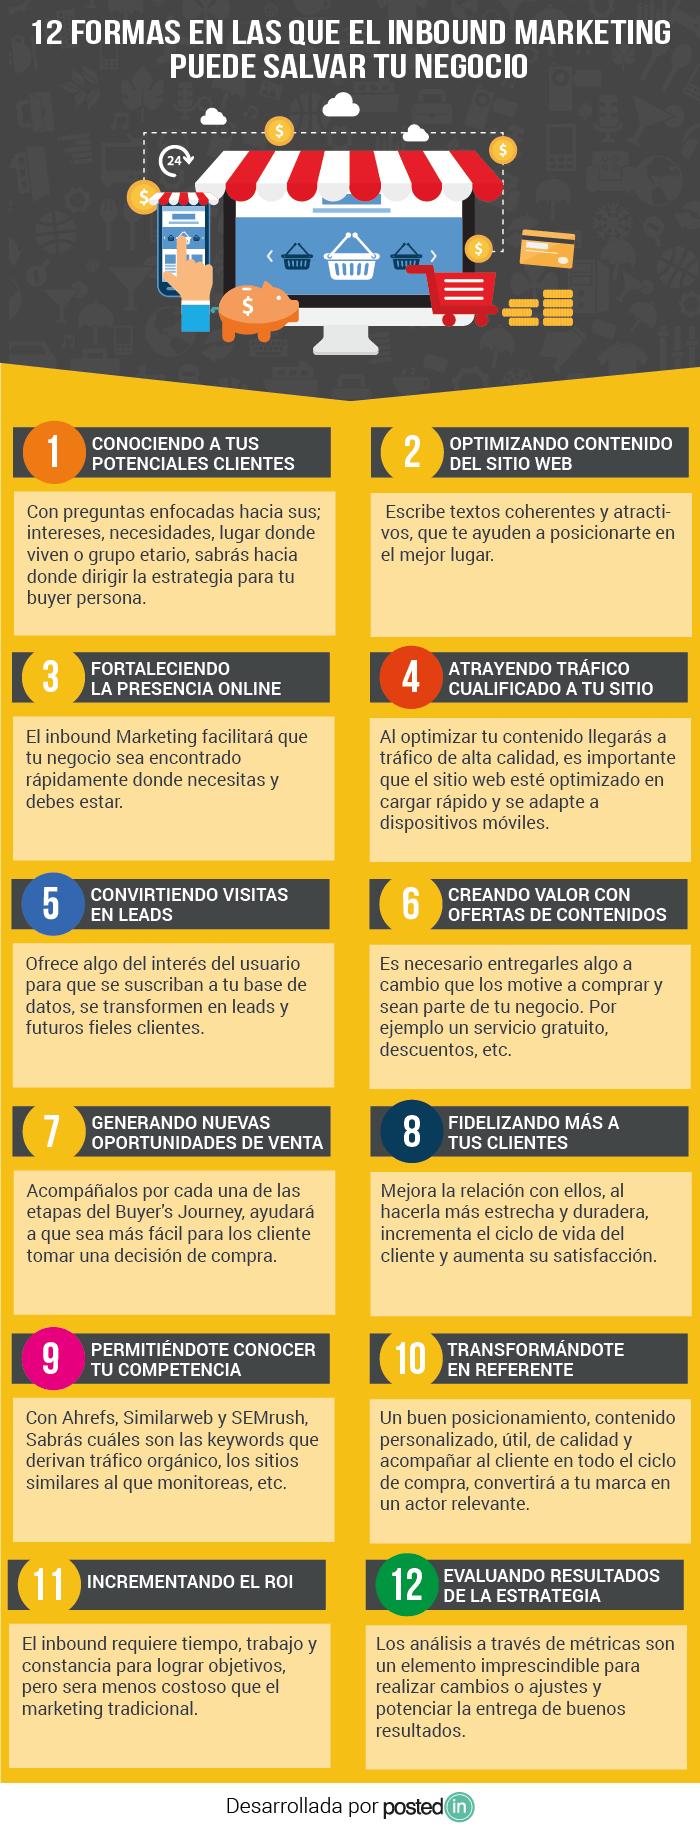 12 formas en las que el Inbound Marketing puede salvar tu empresa